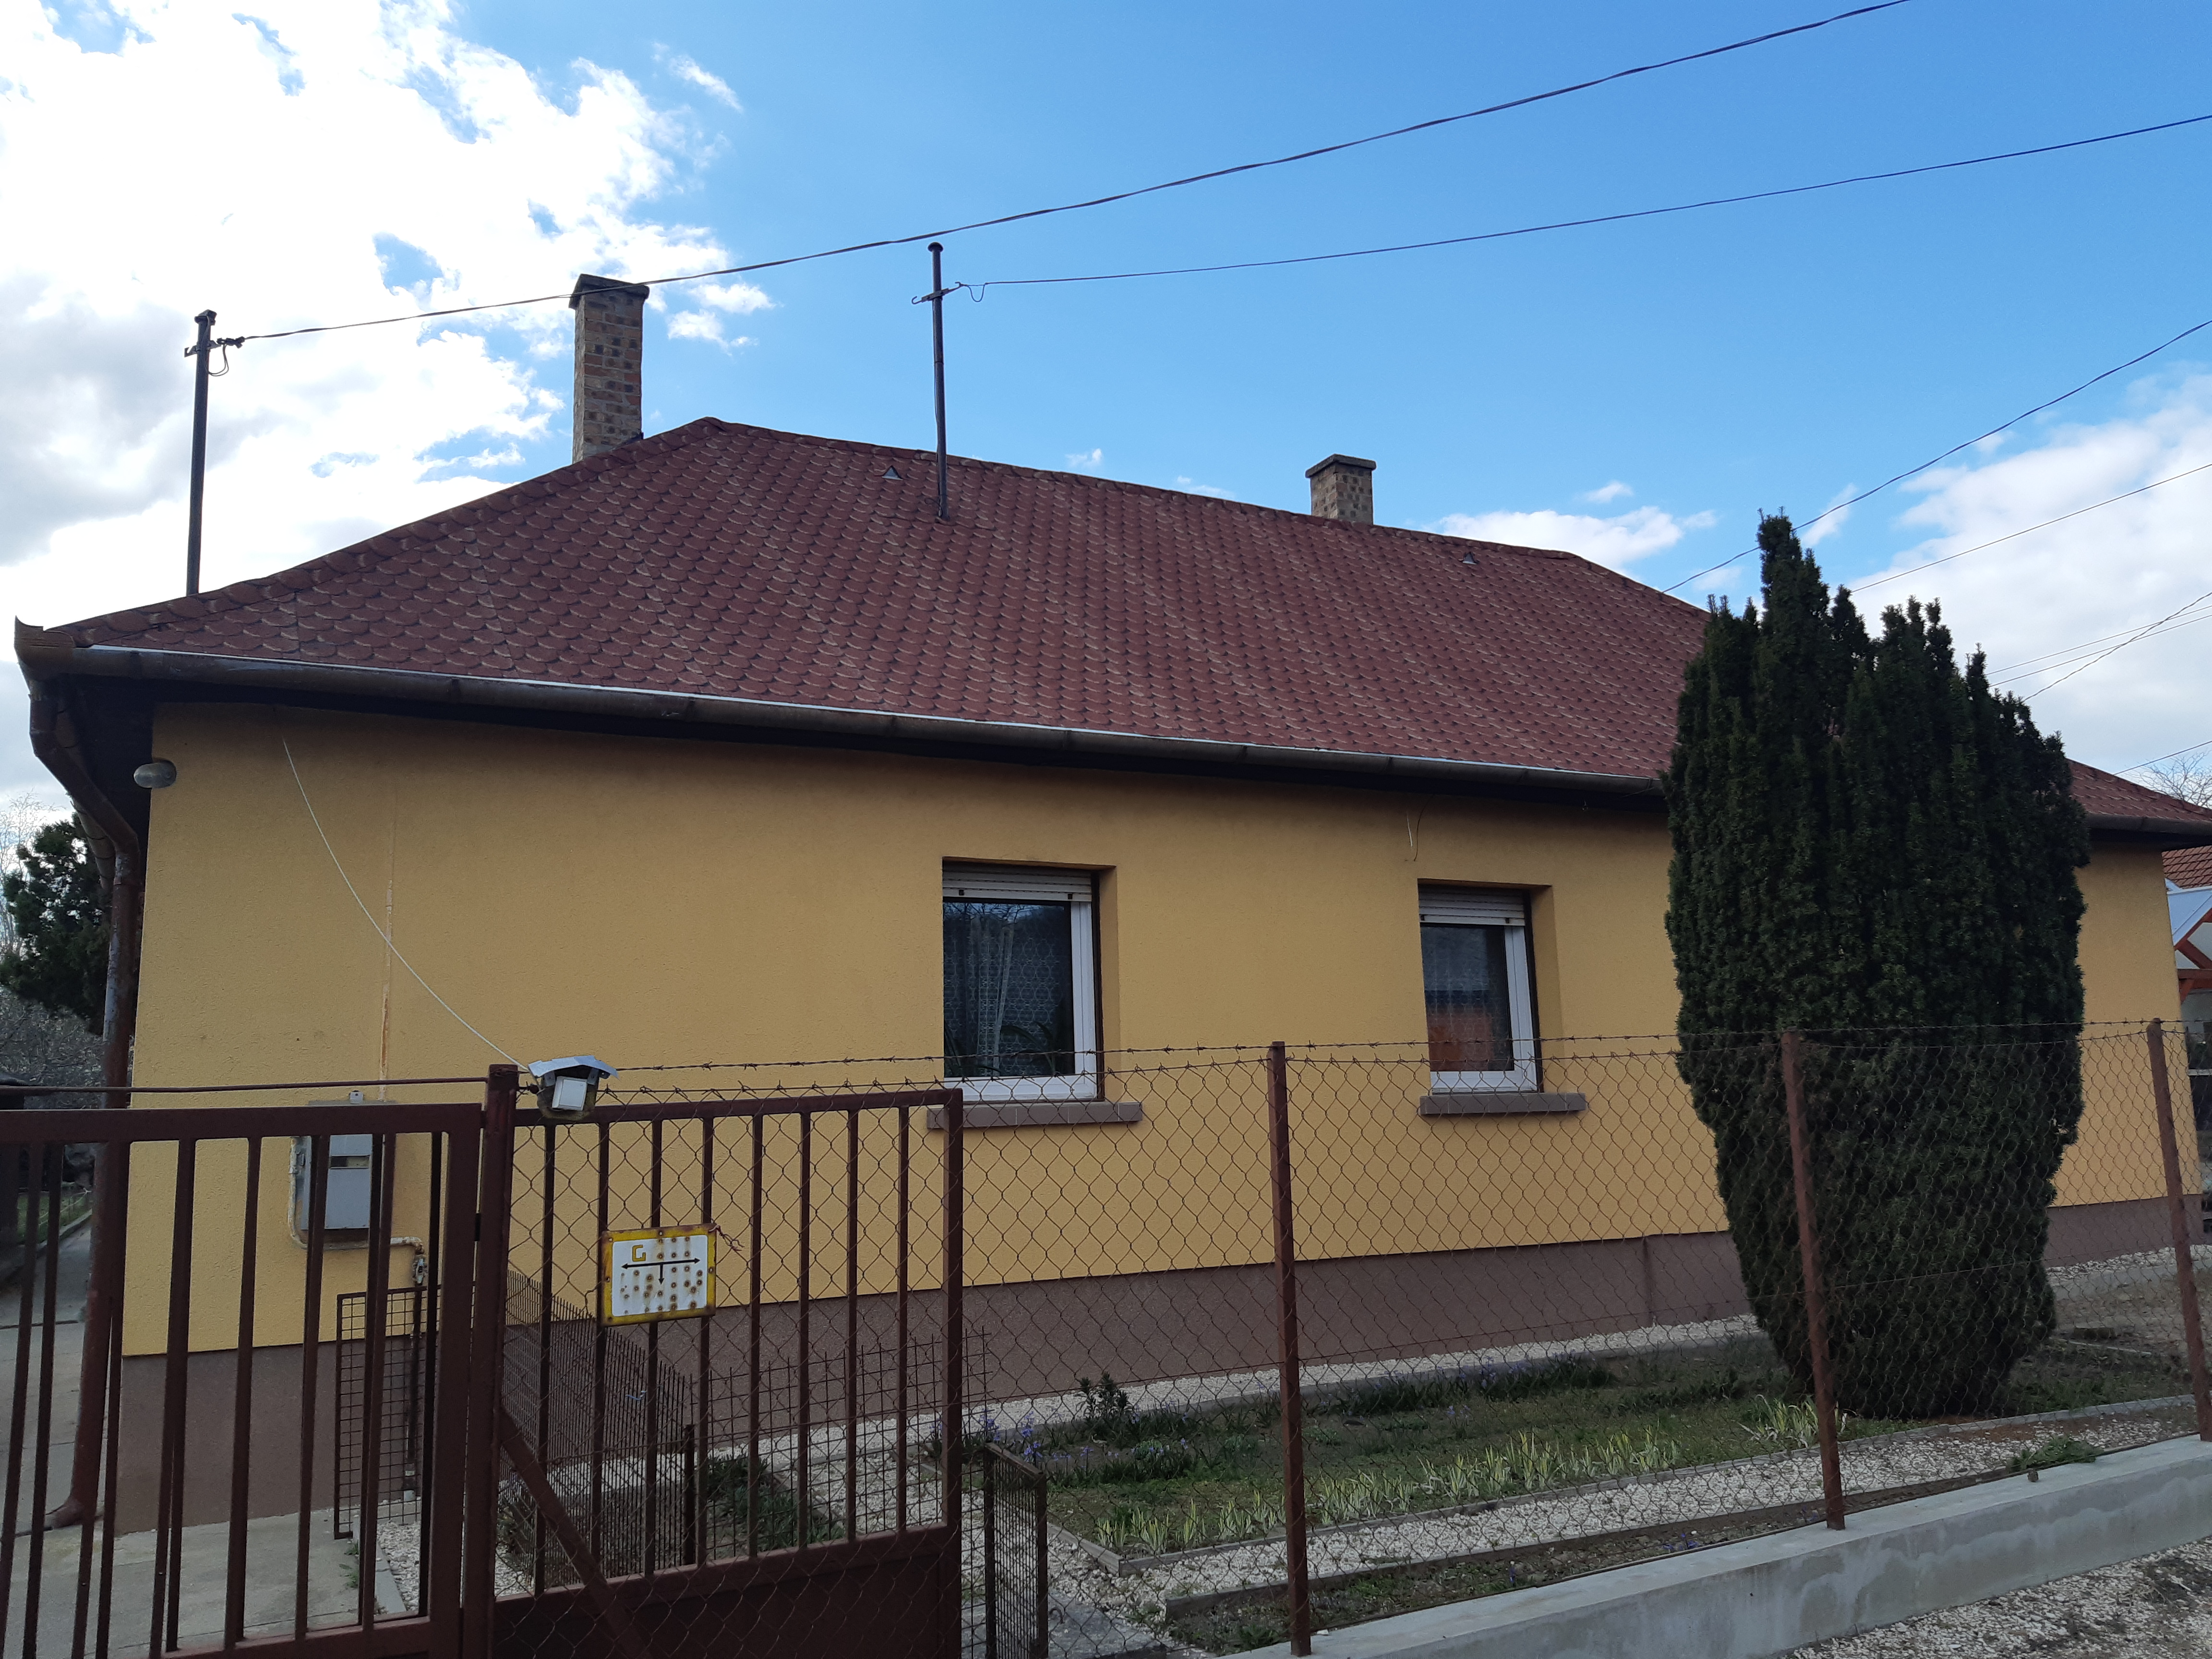 Palatető felújítás Vácduka, palatető szigetelés VácdukaTeljes tető felújítása